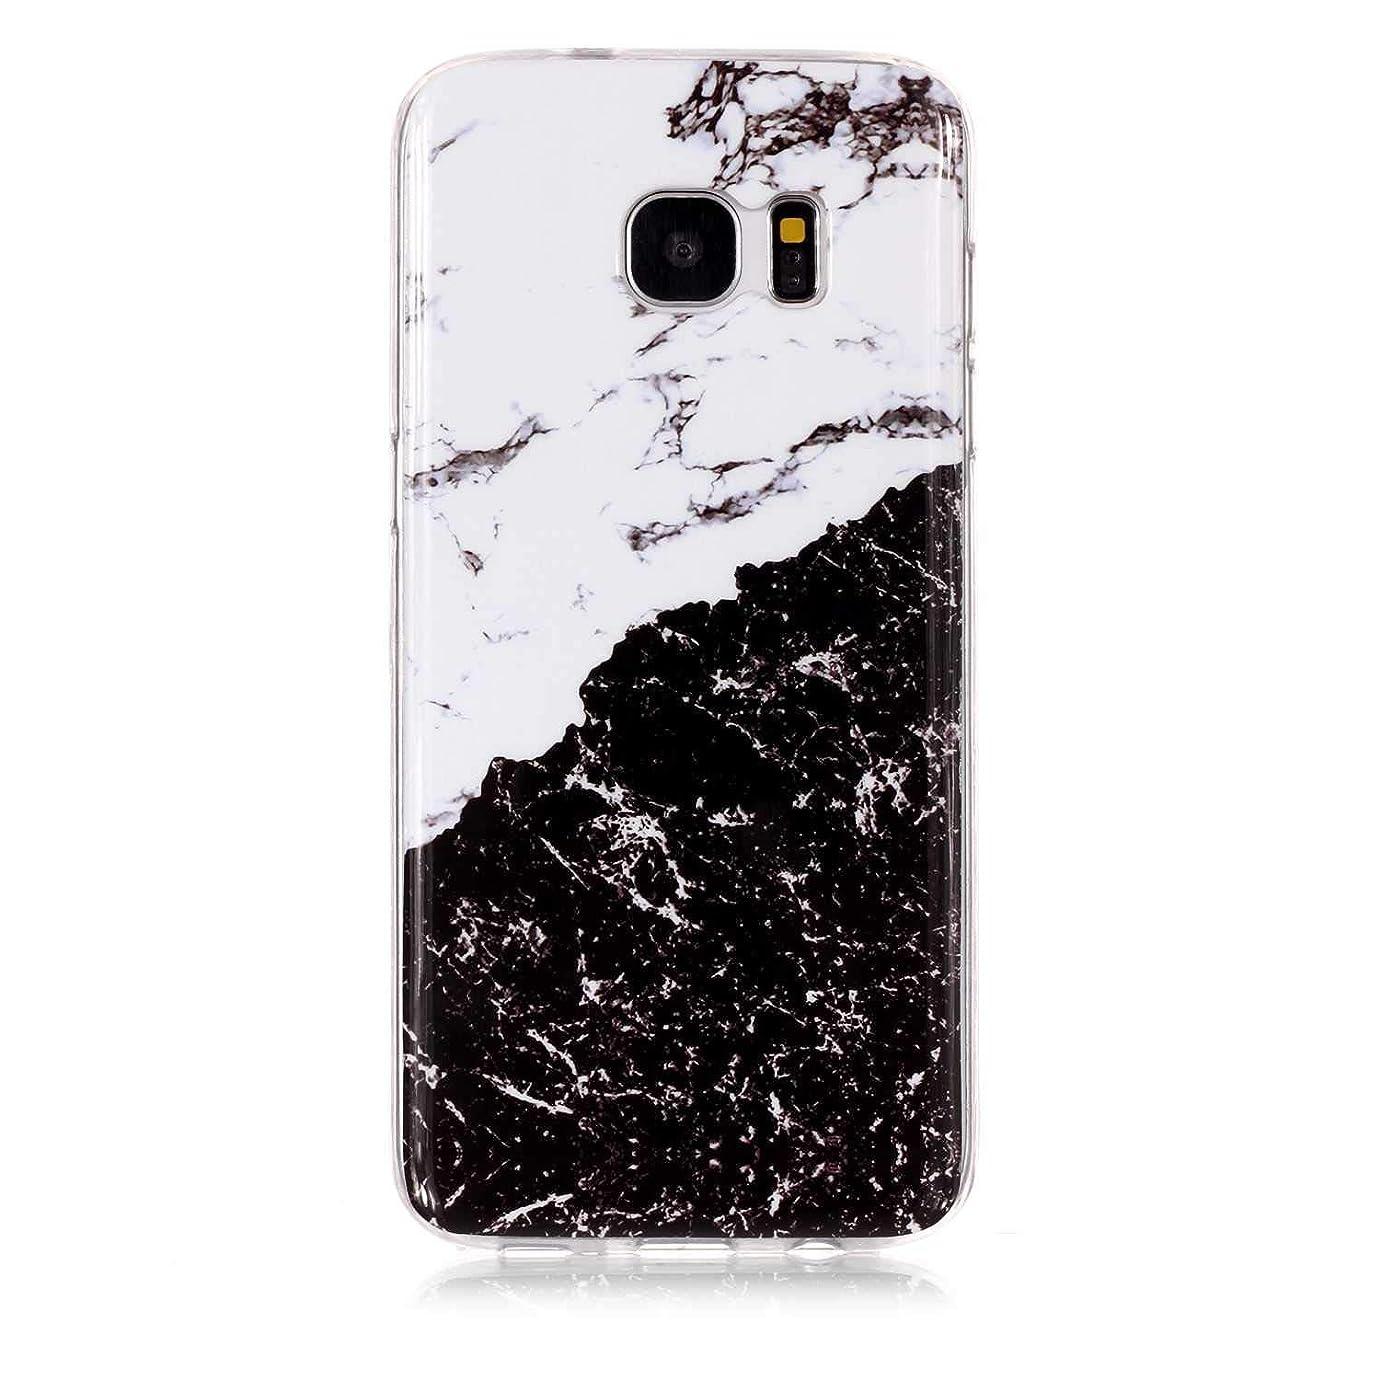 ルビーサイレン夜Galaxy S7 Edge ケース, OMATENTI マーブル 美しい薄型 柔らかTPU い ケース, 人気 新製品 滑り防止 衝撃吸収 全面保護 バックケース, 耐摩擦 耐汚れ 落下防止 耐衝撃性 Galaxy S7 Edge 用 Case Cover,パターン-2